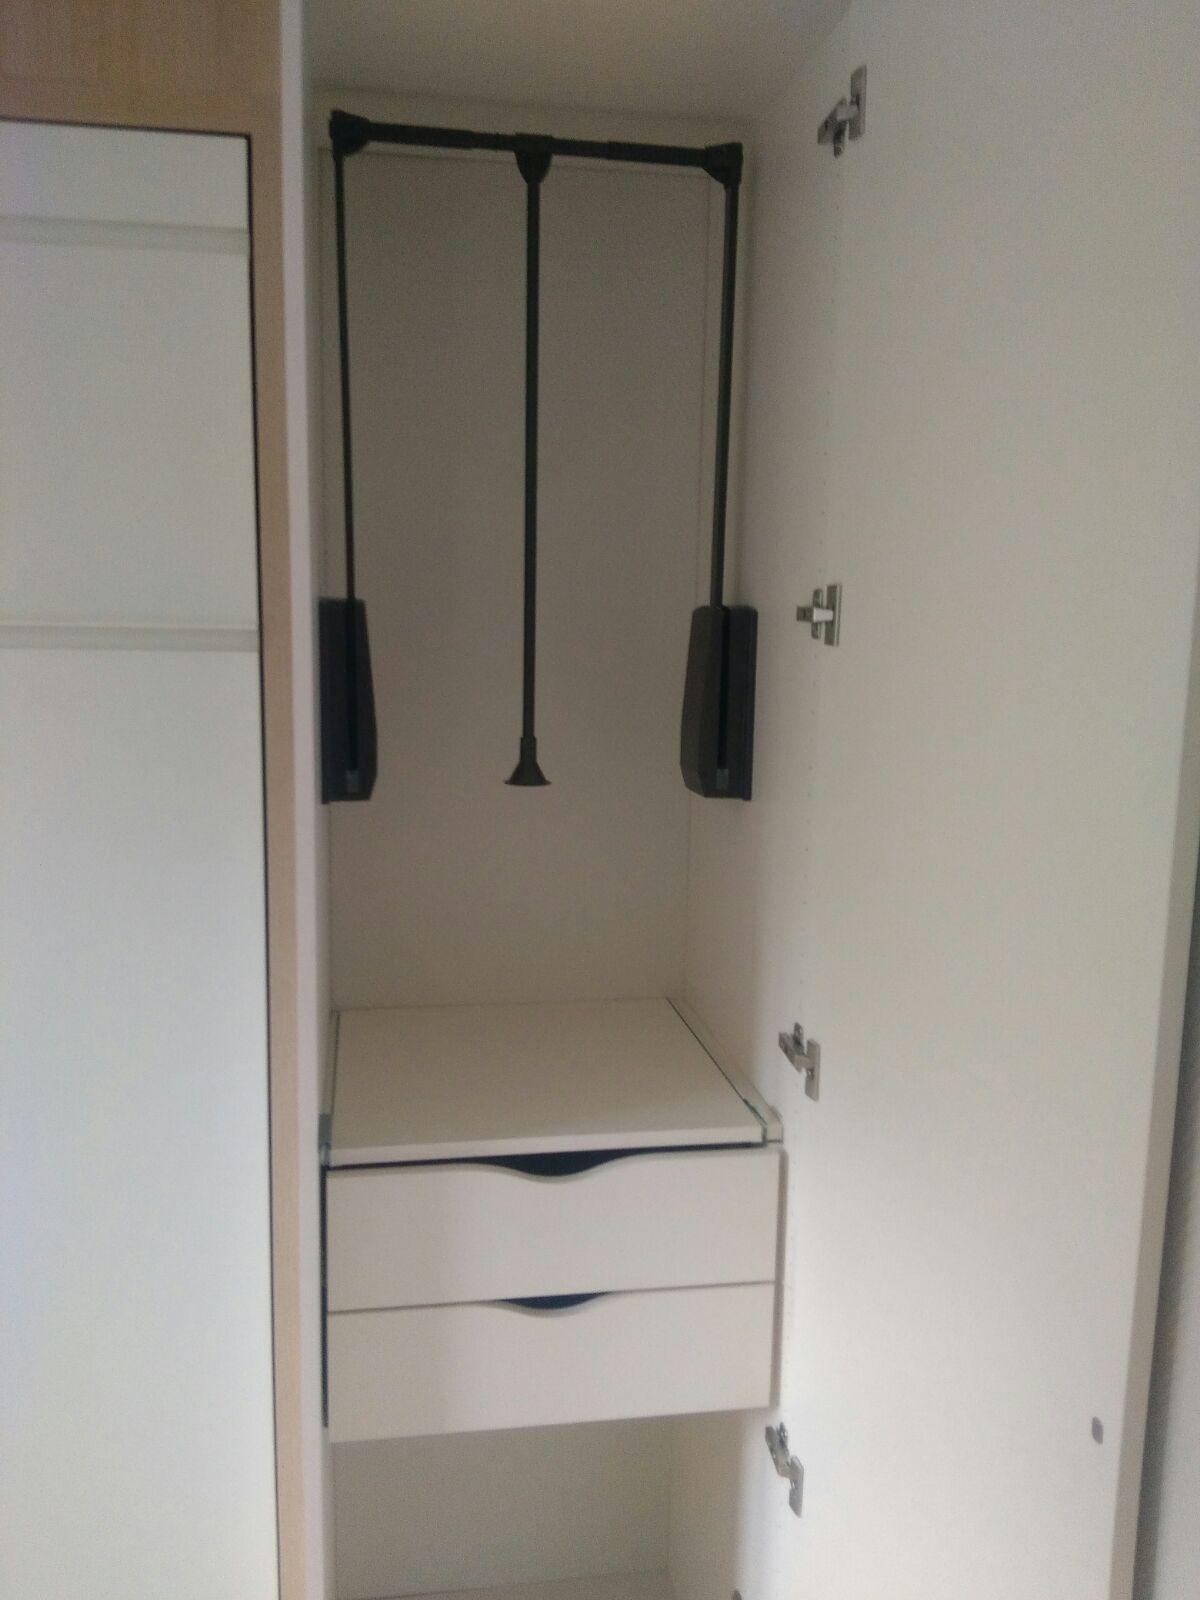 am nagement d 39 une chambre avec lit escamotable bureau et placards int gr s kiosque am nagement. Black Bedroom Furniture Sets. Home Design Ideas